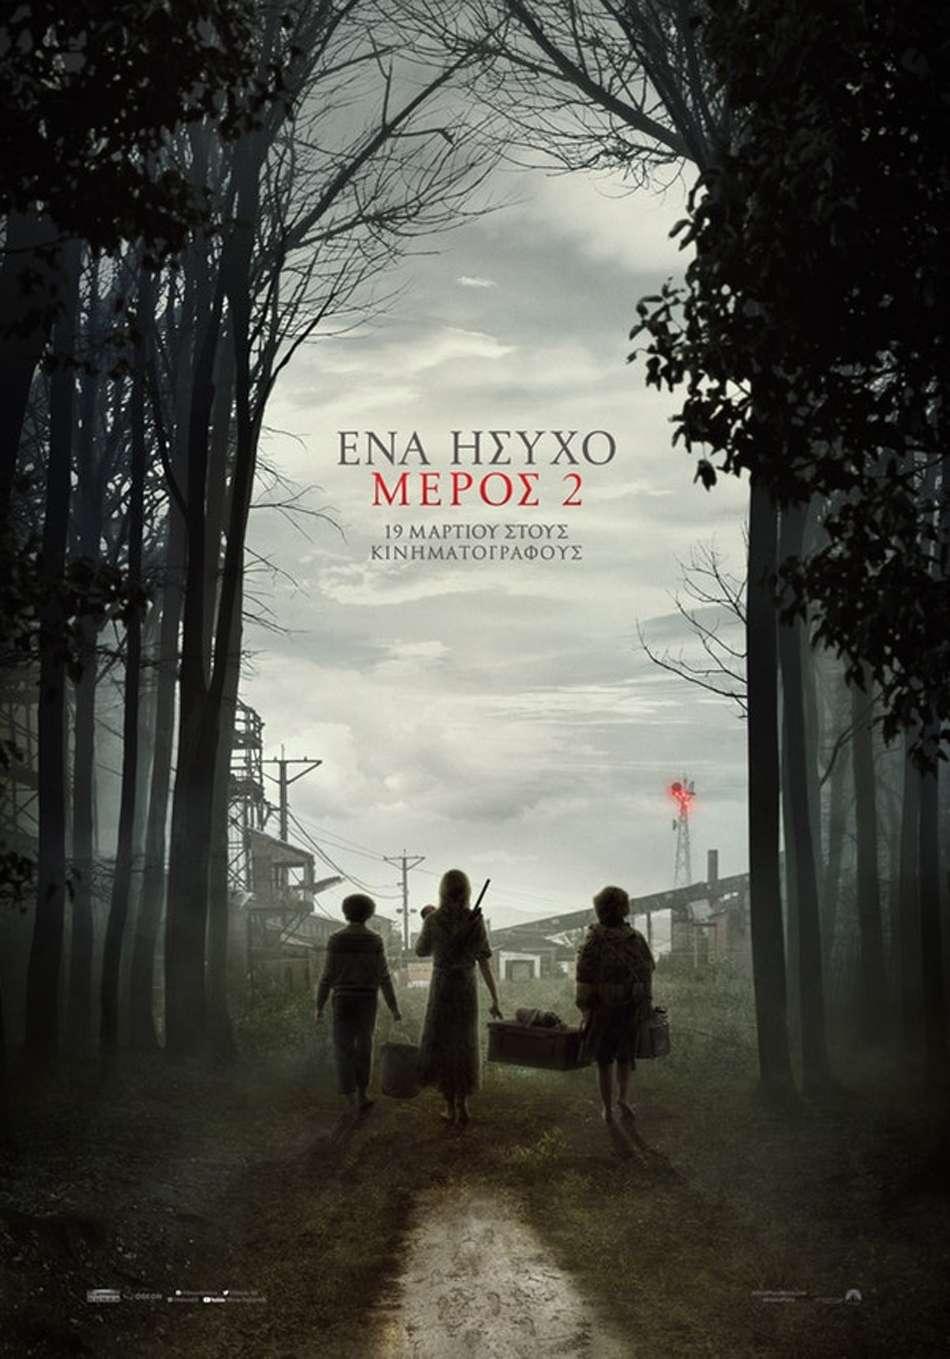 Ένα Ήσυχο Μέρος 2 (A Quiet Place 2) - Trailer / Τρέιλερ Poster